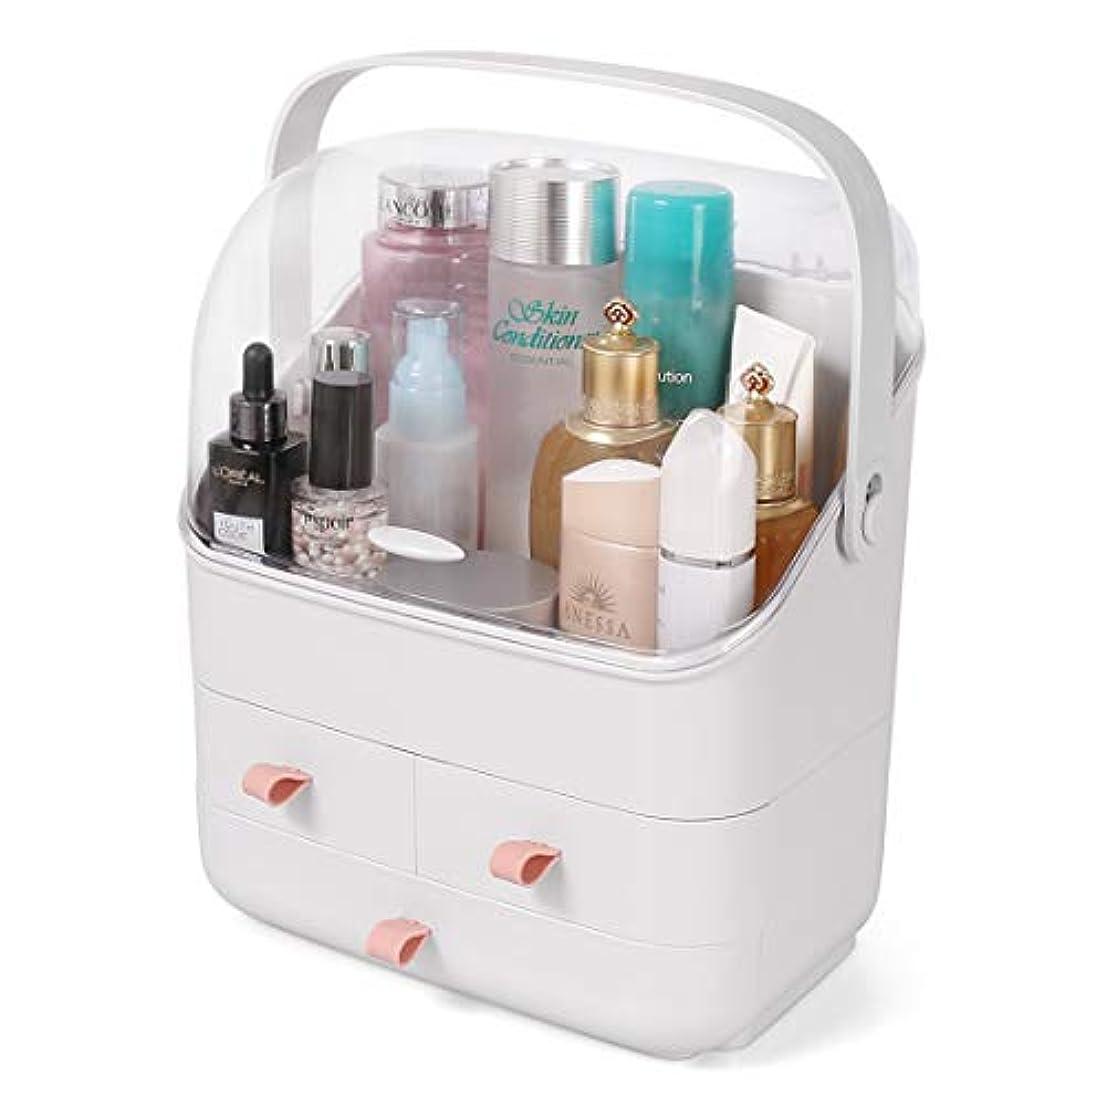 極貧フルーツ部Haturi 化粧品収納ボックス メイクケース 大容量 防塵 防水 蓋付き 引き出し式 収納用 寝室 浴室 洗面所 全開式カバー 180°回転でき